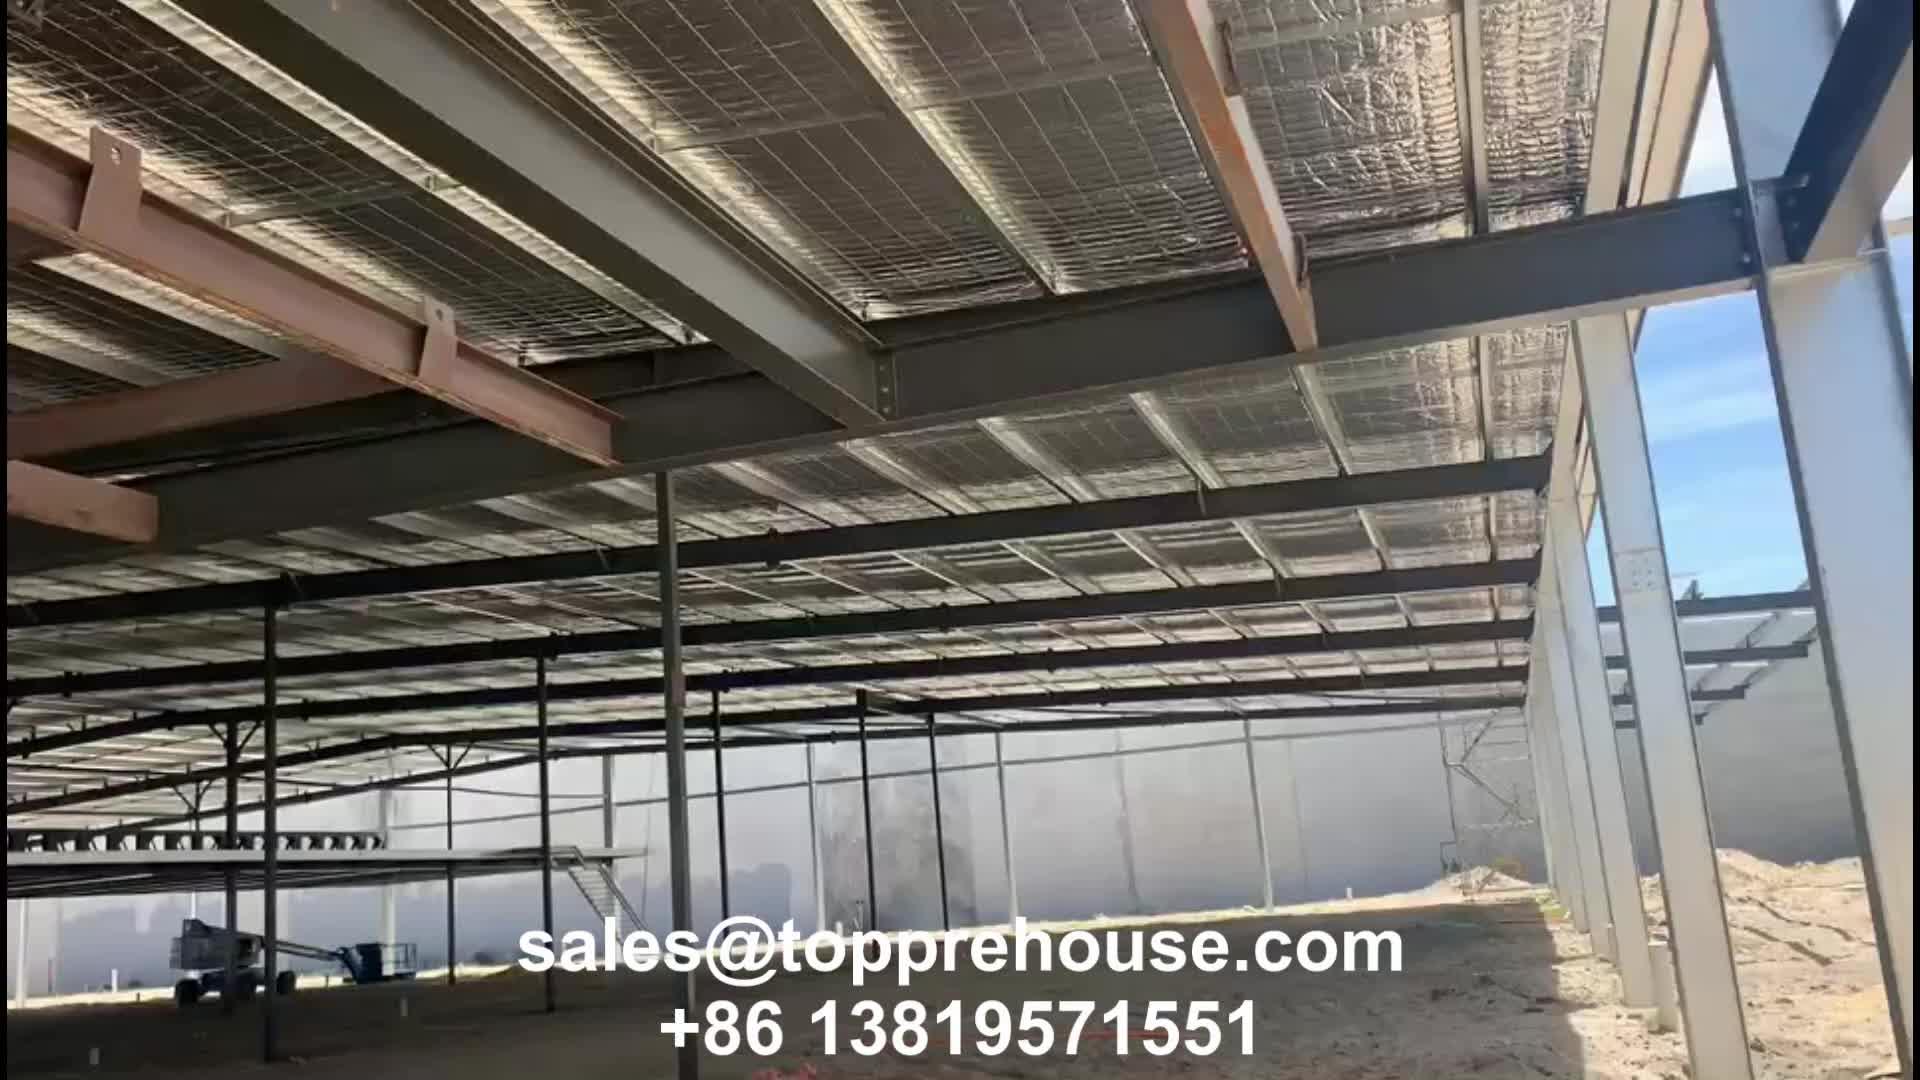 Della Fabbrica a Basso Costo Prefabbricata Grande Arco Laboratorio Capannone Magazzino su Misura Struttura in Acciaio Dell'edificio